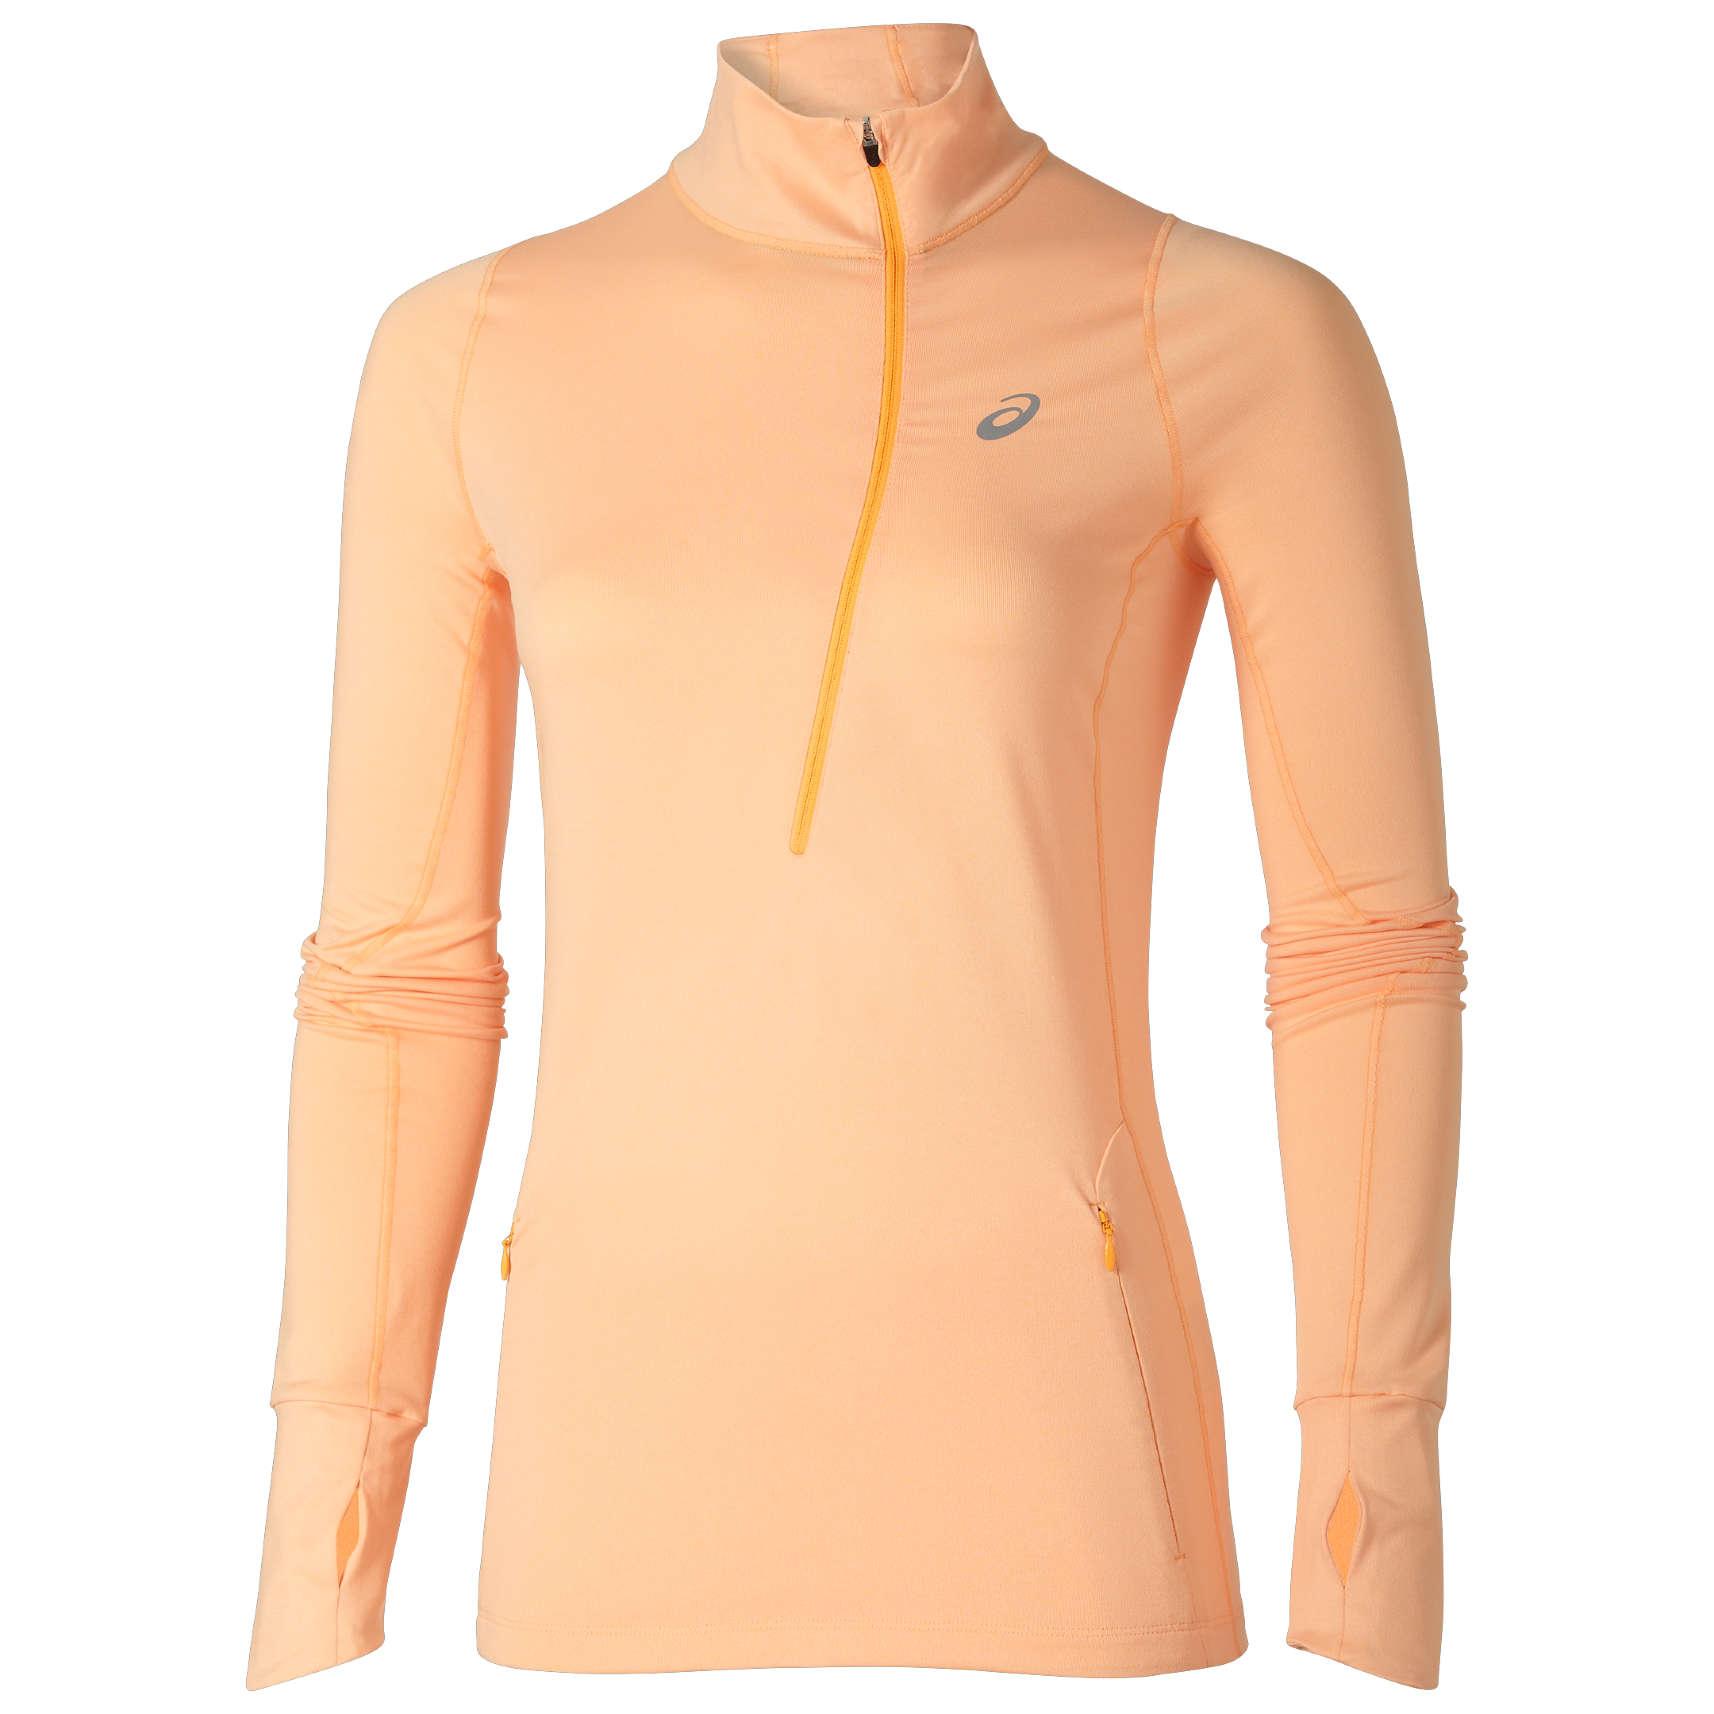 faadaa5cce5 ASICS X 1/2 Zip Shirt Lange Mouwen Oranje Dames koop je bij ...